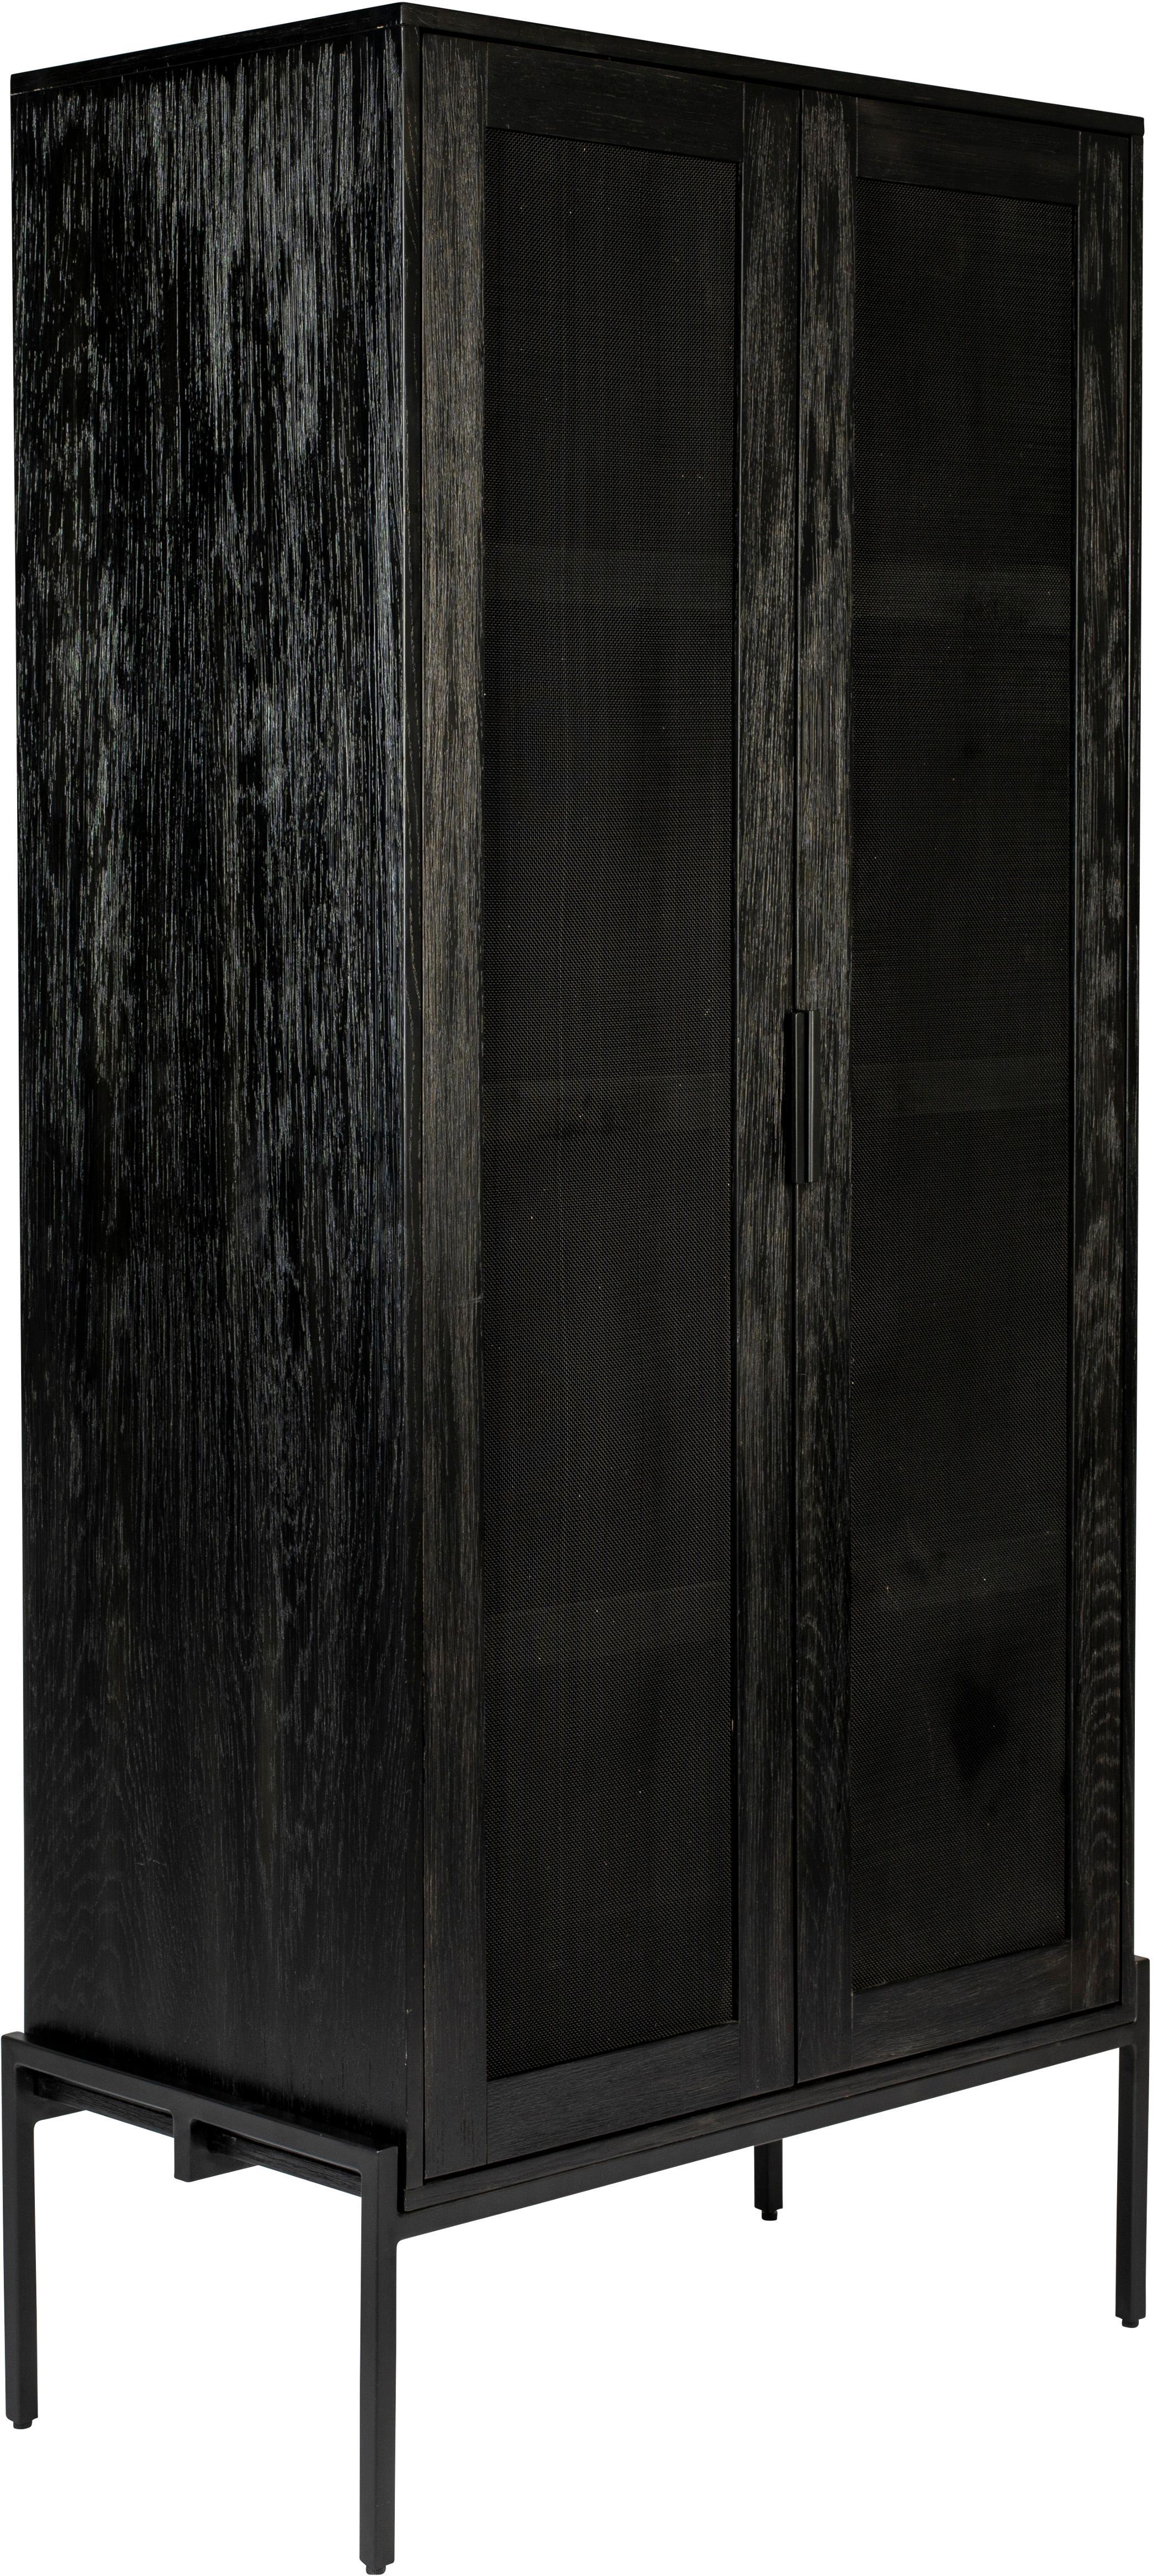 Highboard Hardy, Gestell: Mitteldichte Holzfaserpla, Beine: Metall, beschichtet, Schwarz, 80 x 180 cm